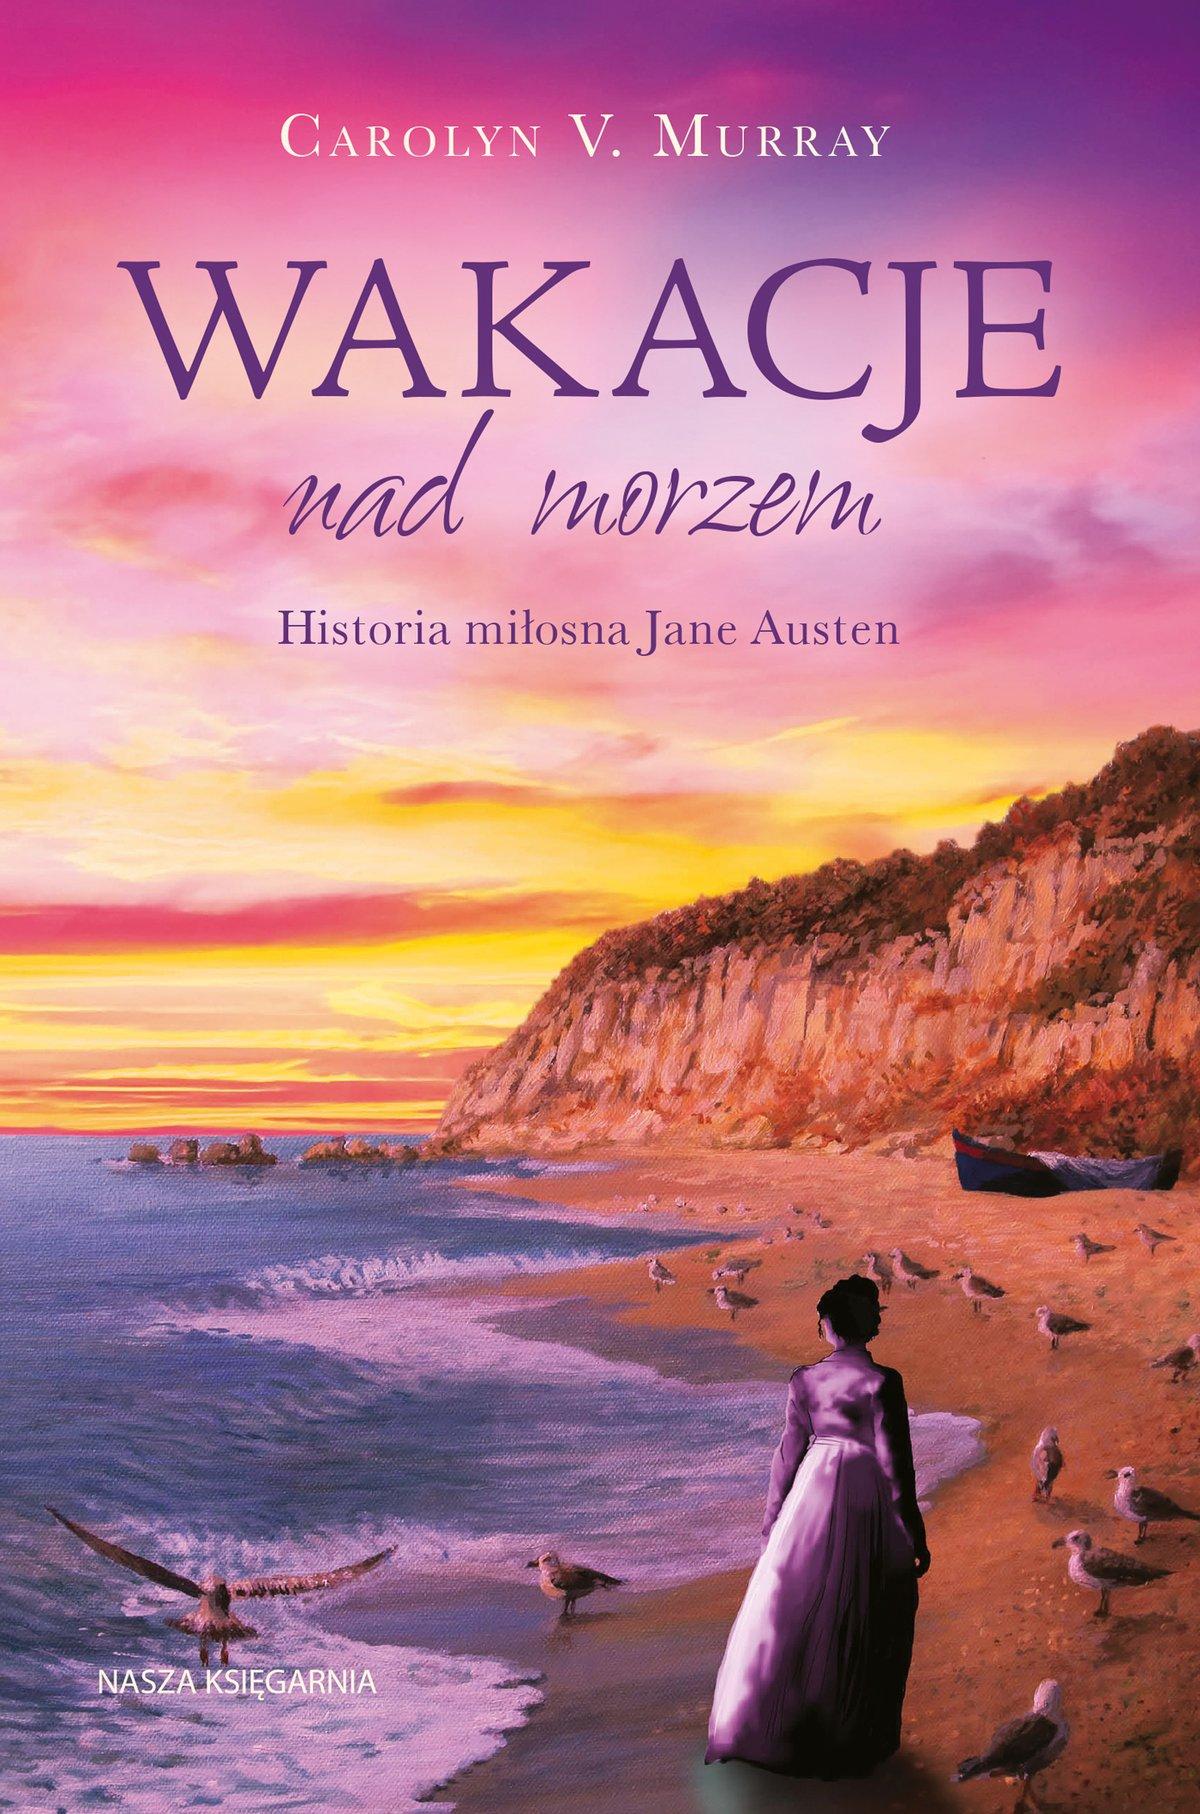 Wakacje nad morzem. Historia miłosna Jane Austen - Ebook (Książka na Kindle) do pobrania w formacie MOBI